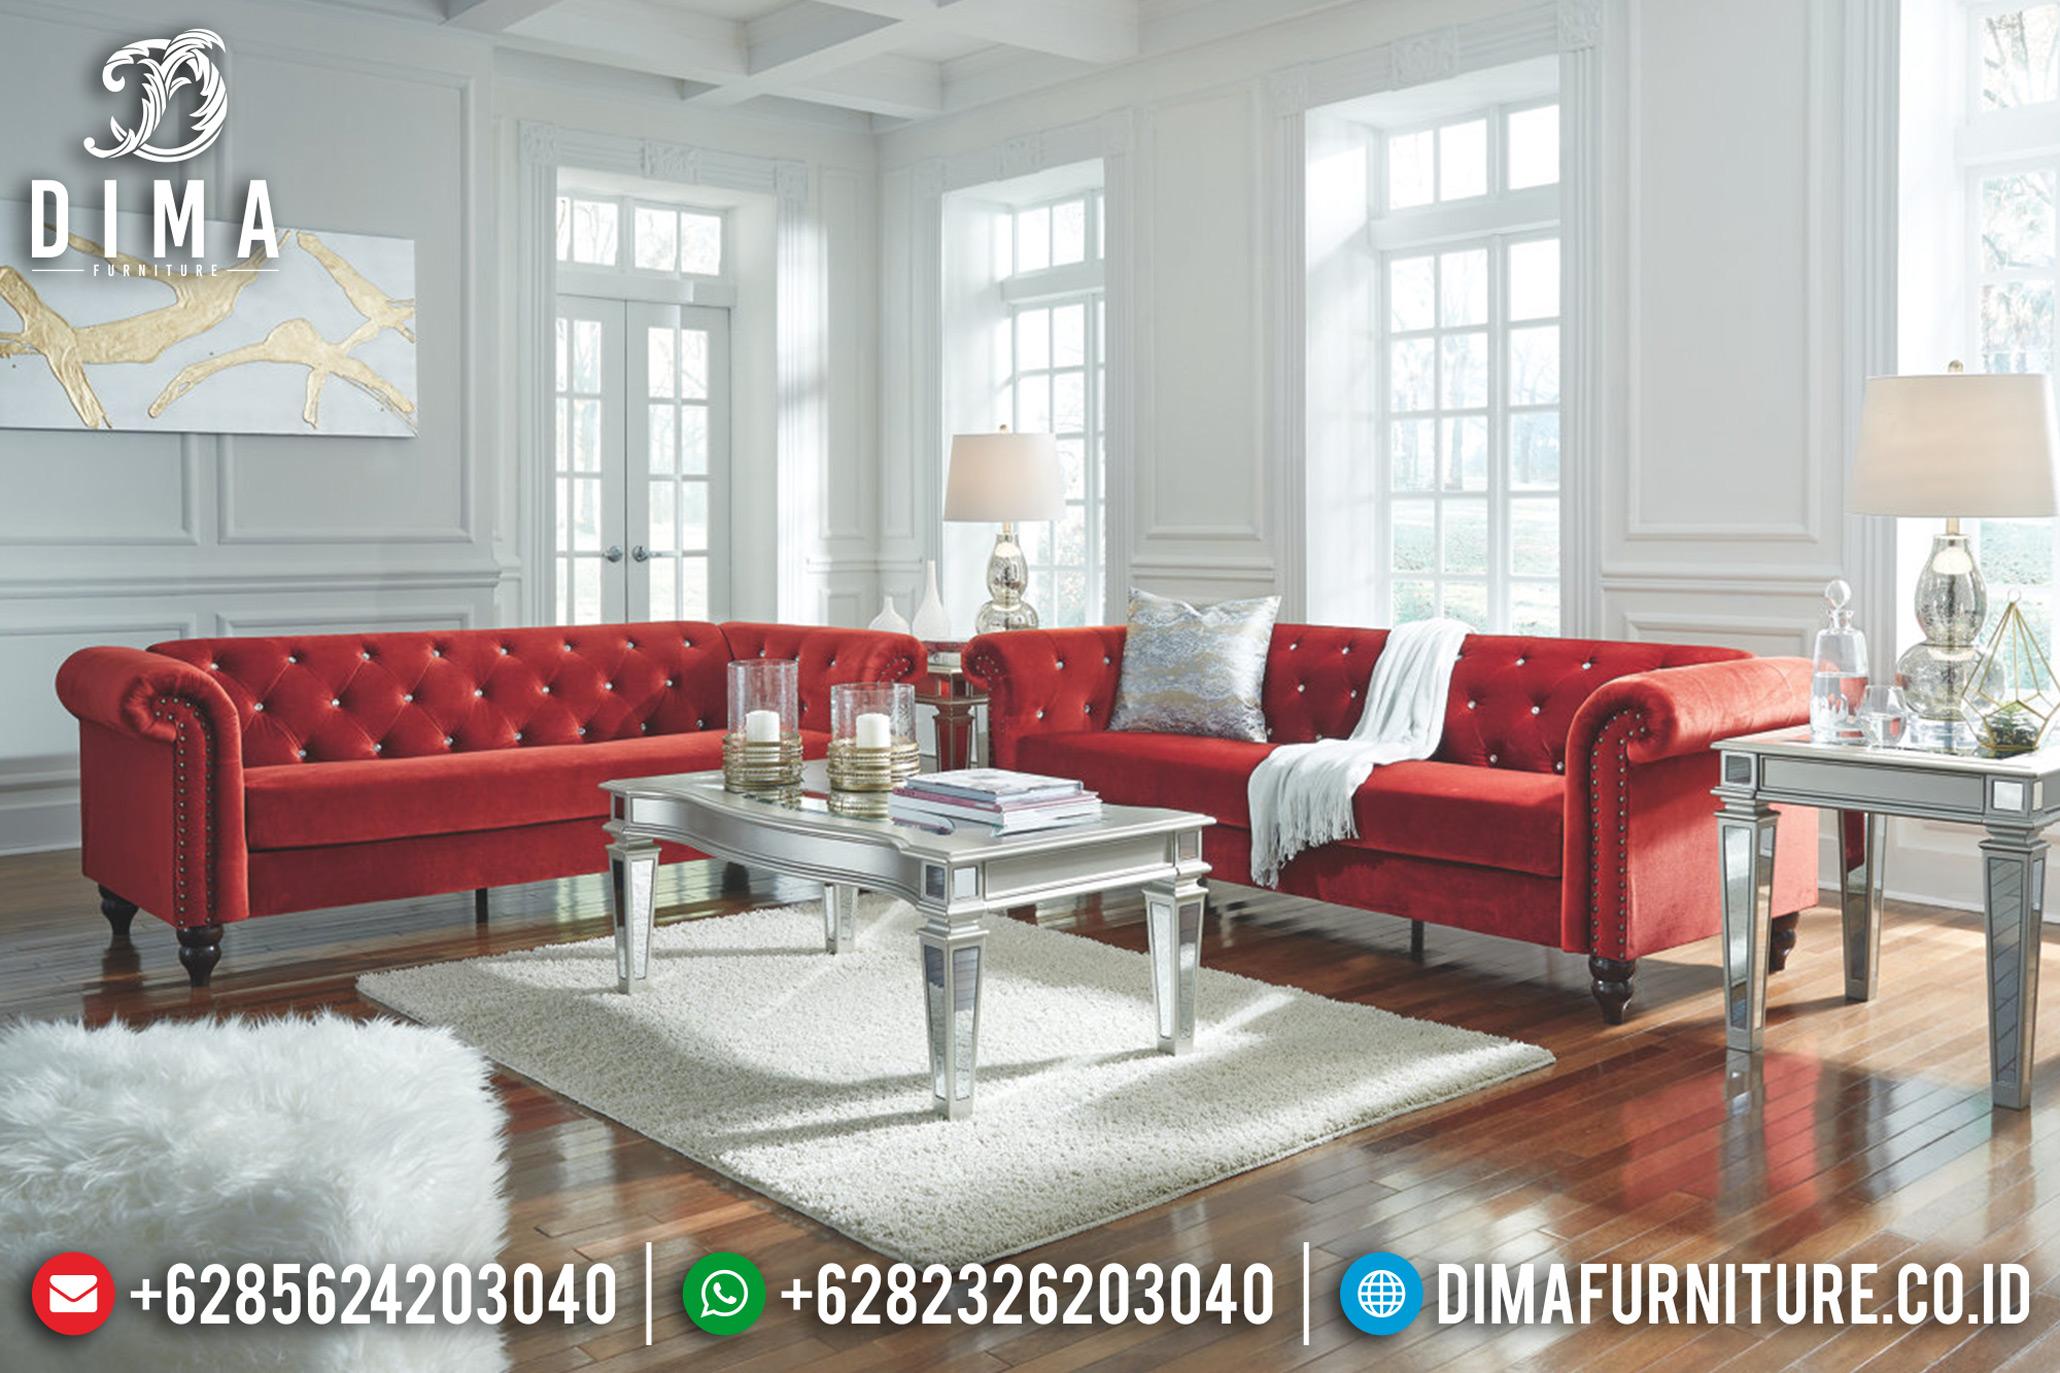 Beli 1 Set Sofa Tamu Minimalis Jepara Chester Terbaru Merah Bludru DF-0670